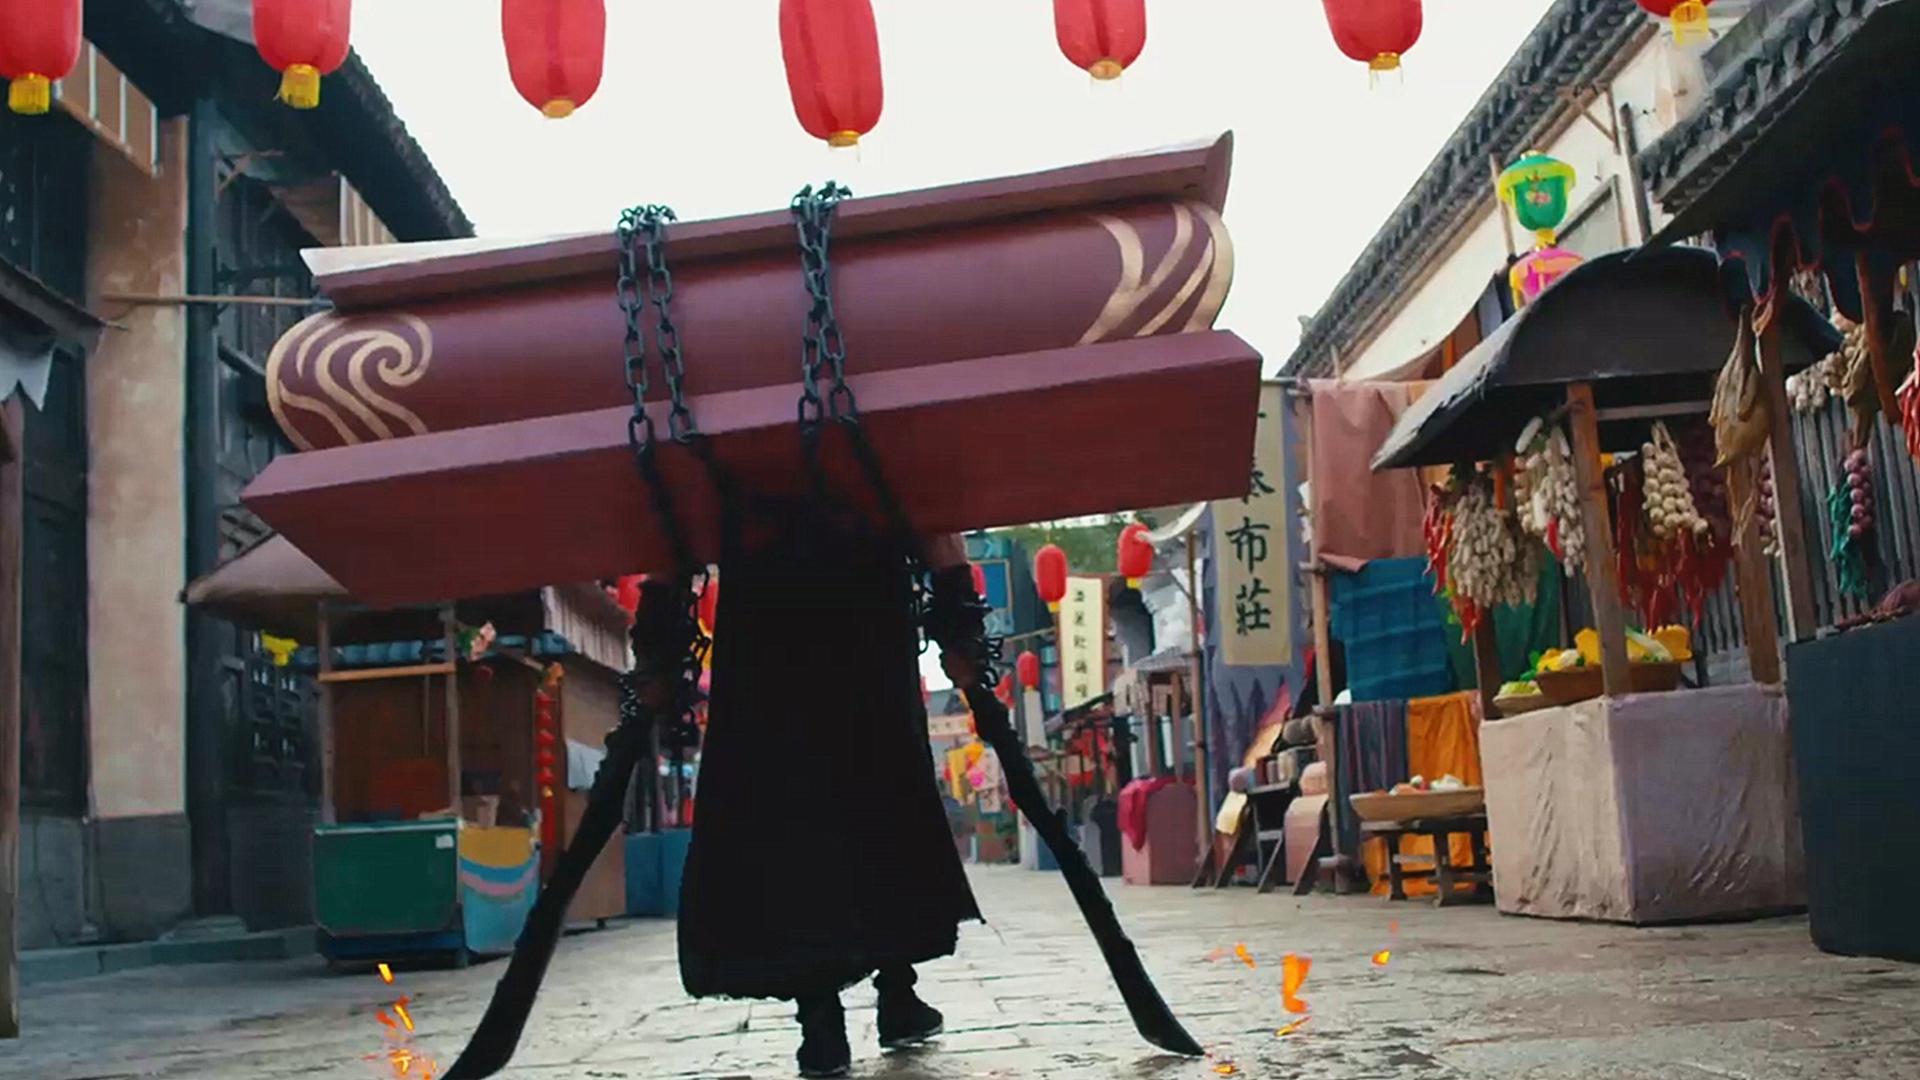 杀手背着棺材行走江湖,只为让亡妻再度复活,一部武侠爱情电影